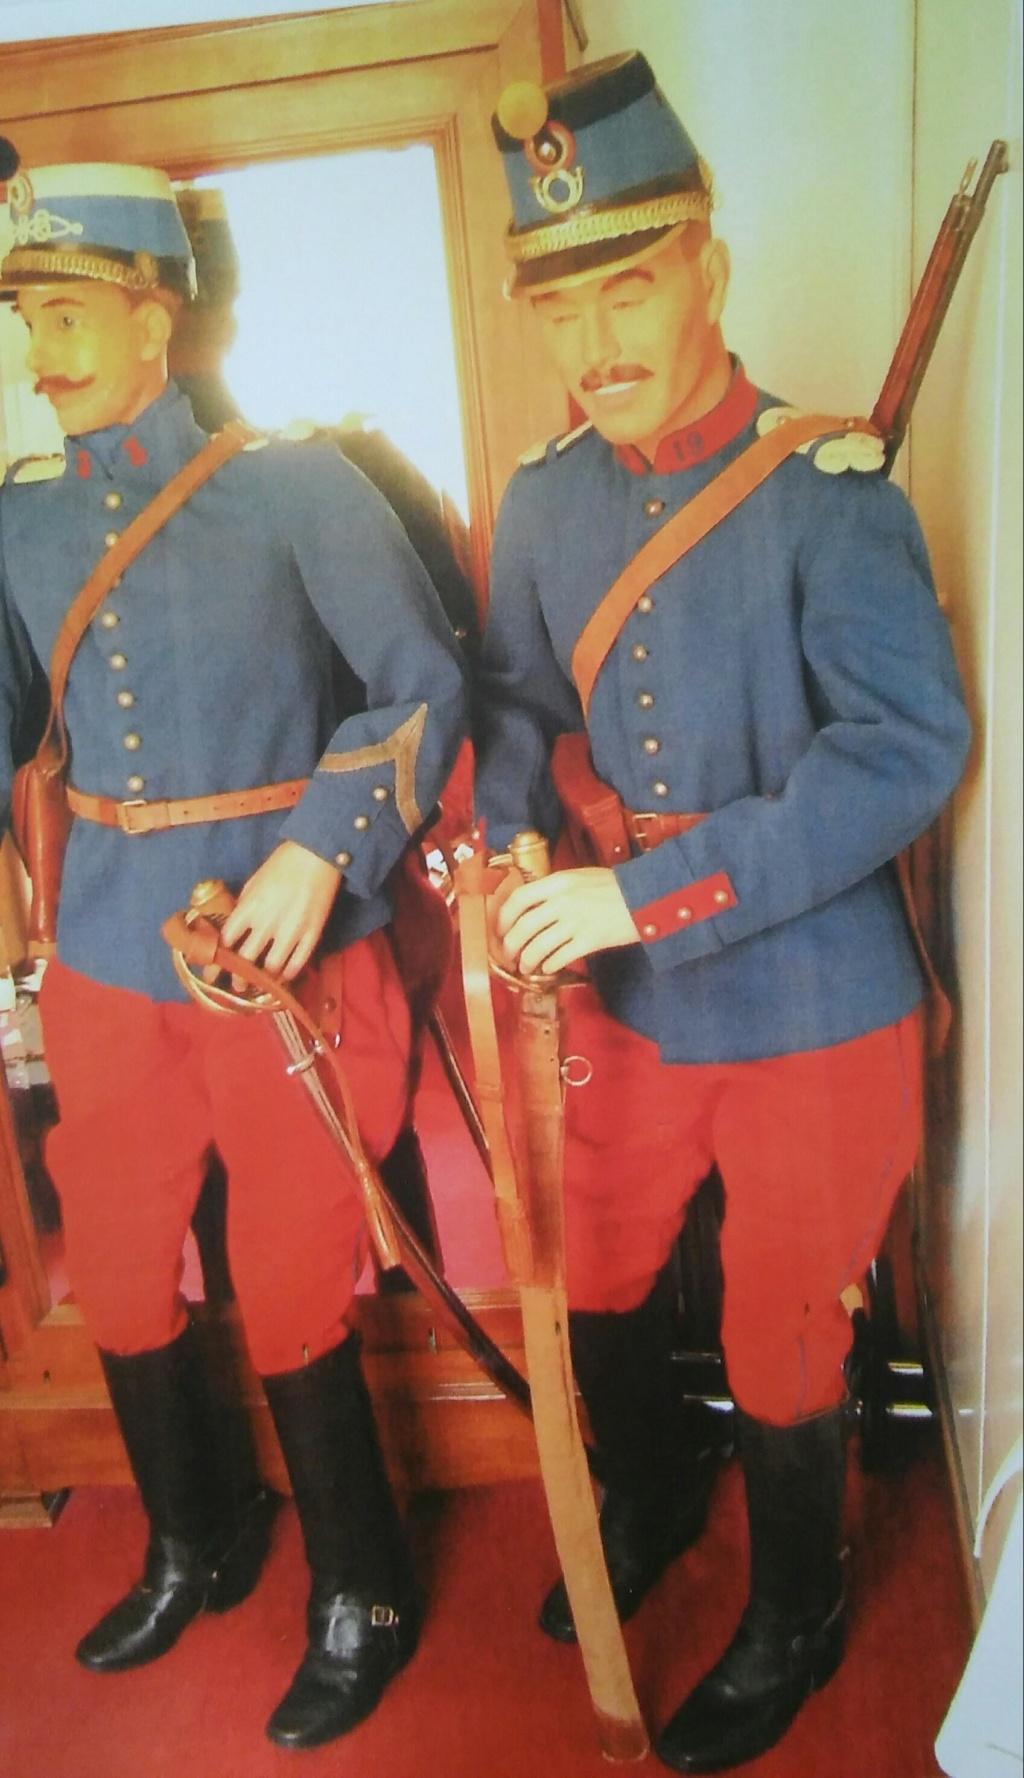 carabine de cavalerie mle 1890 - Page 2 20200917